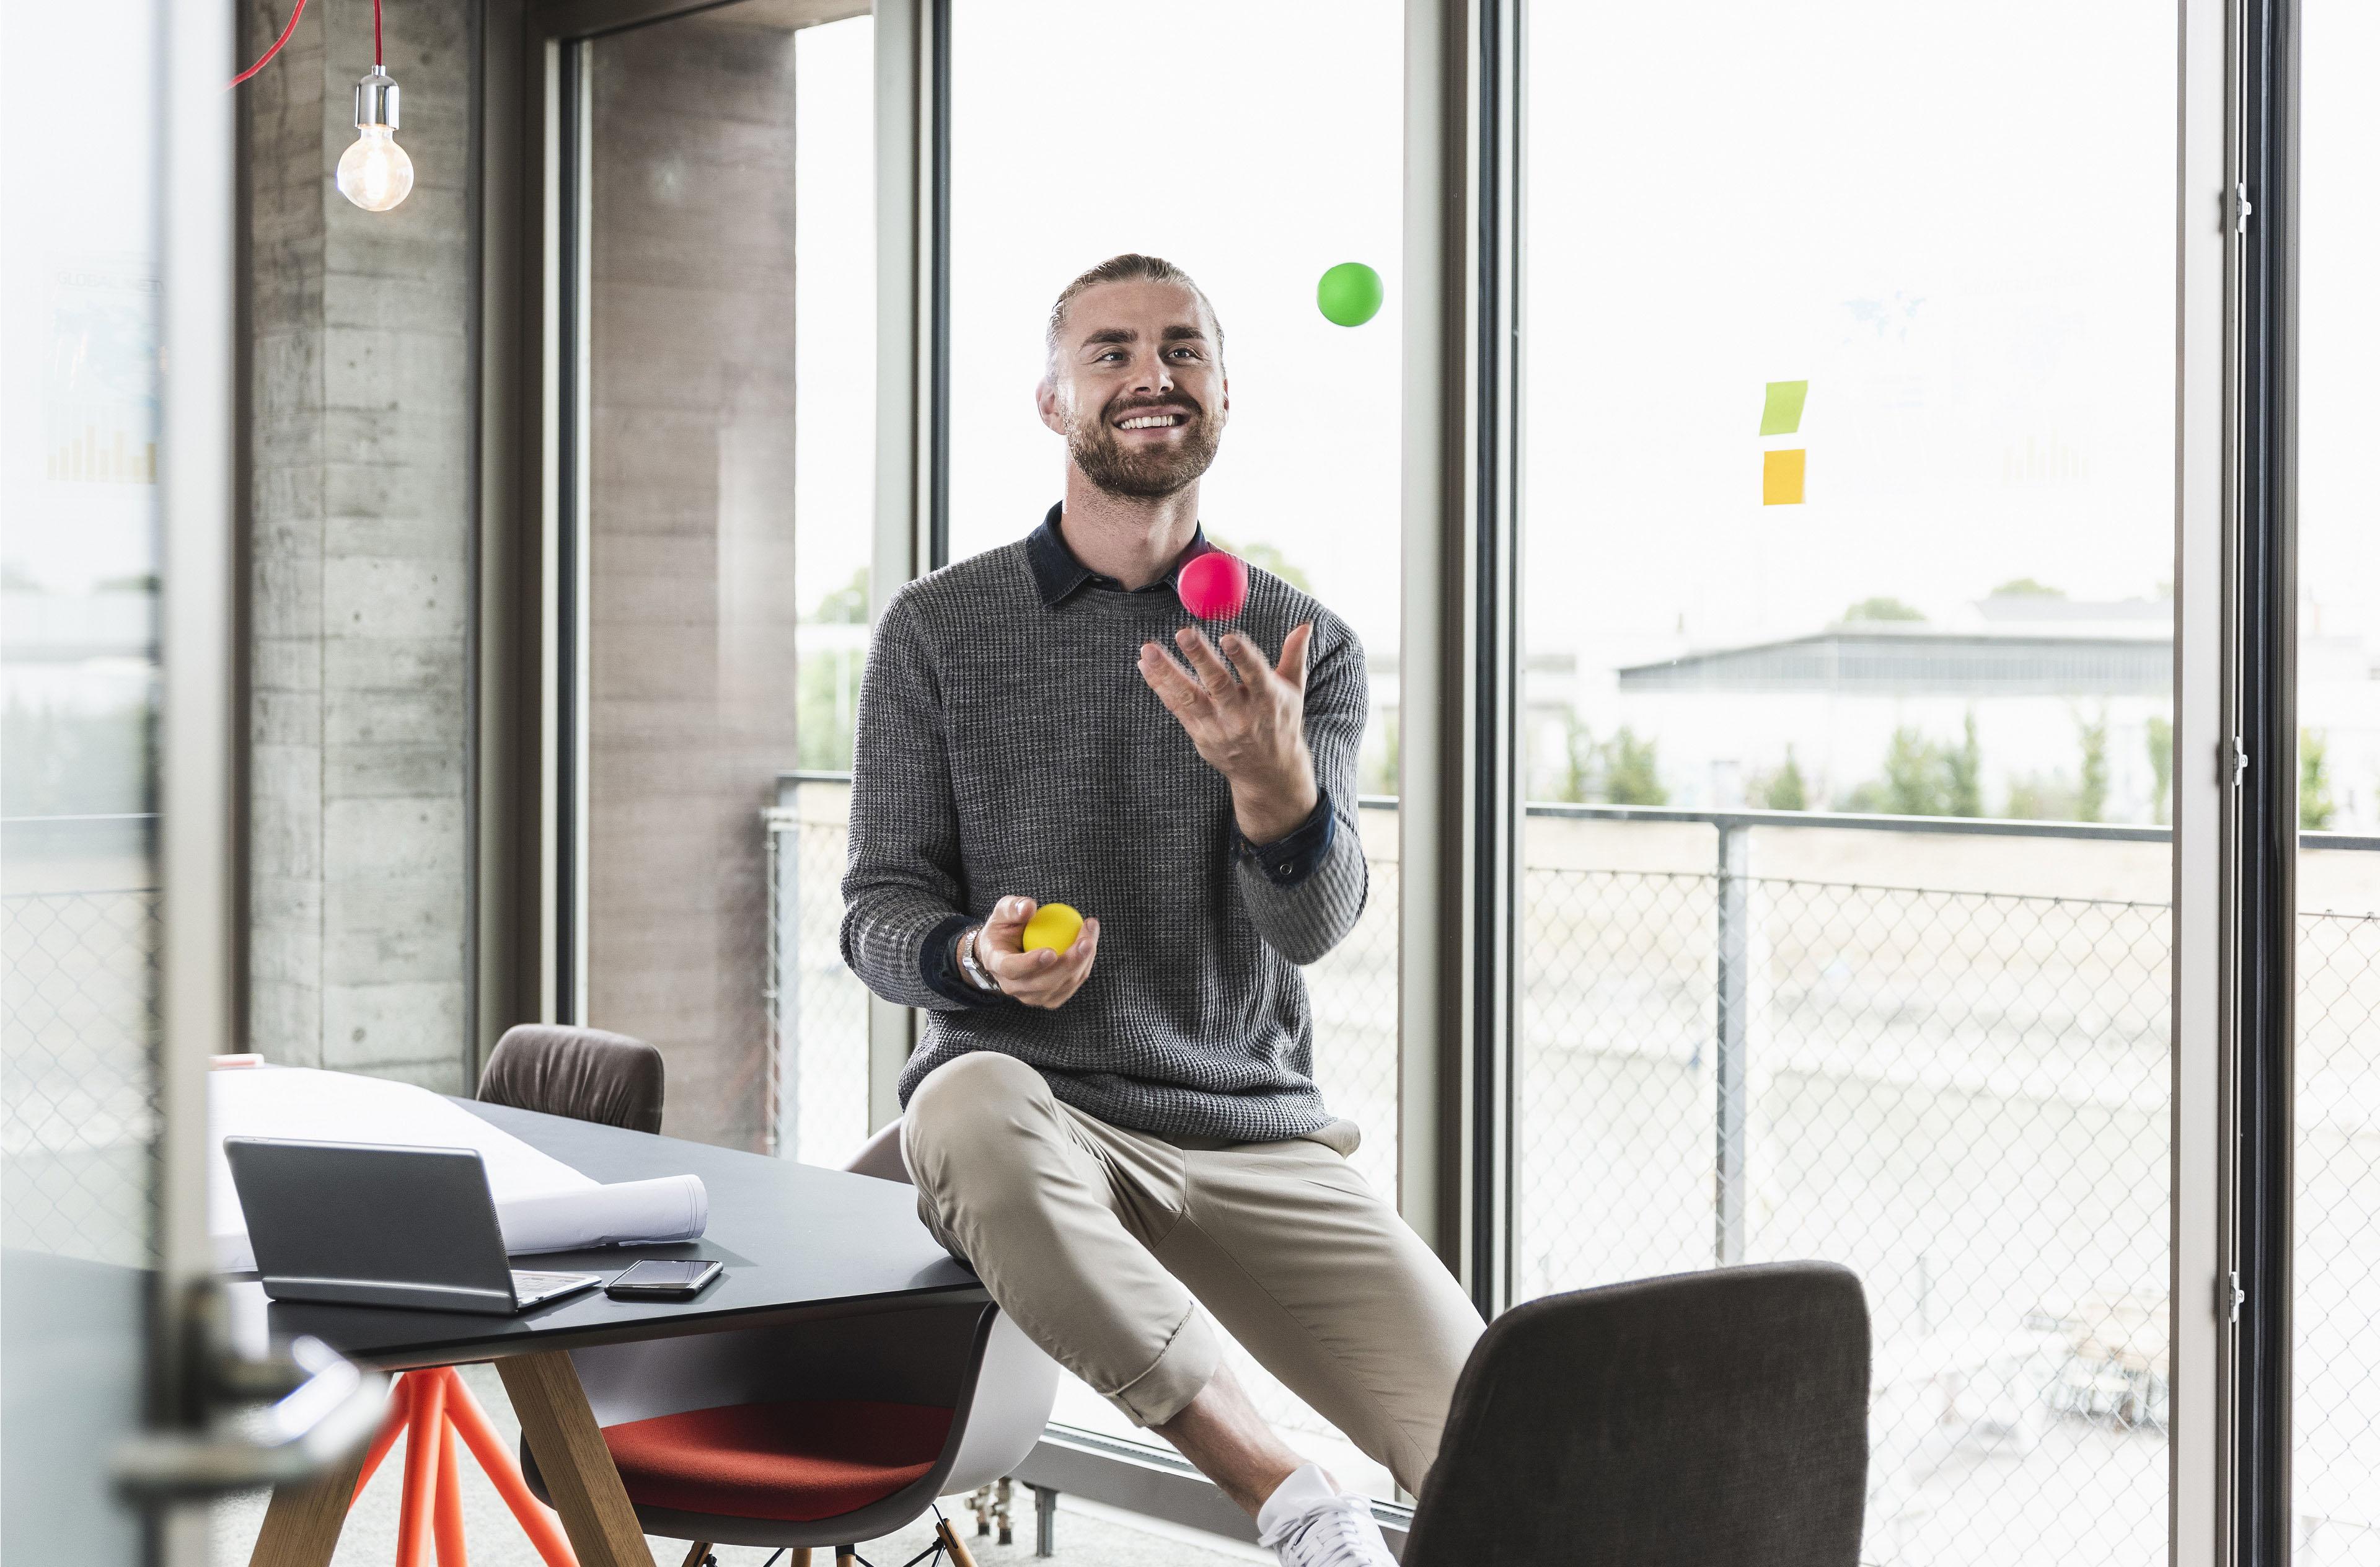 Мужчина объясняет видение выполняемой задачи своему коллеге